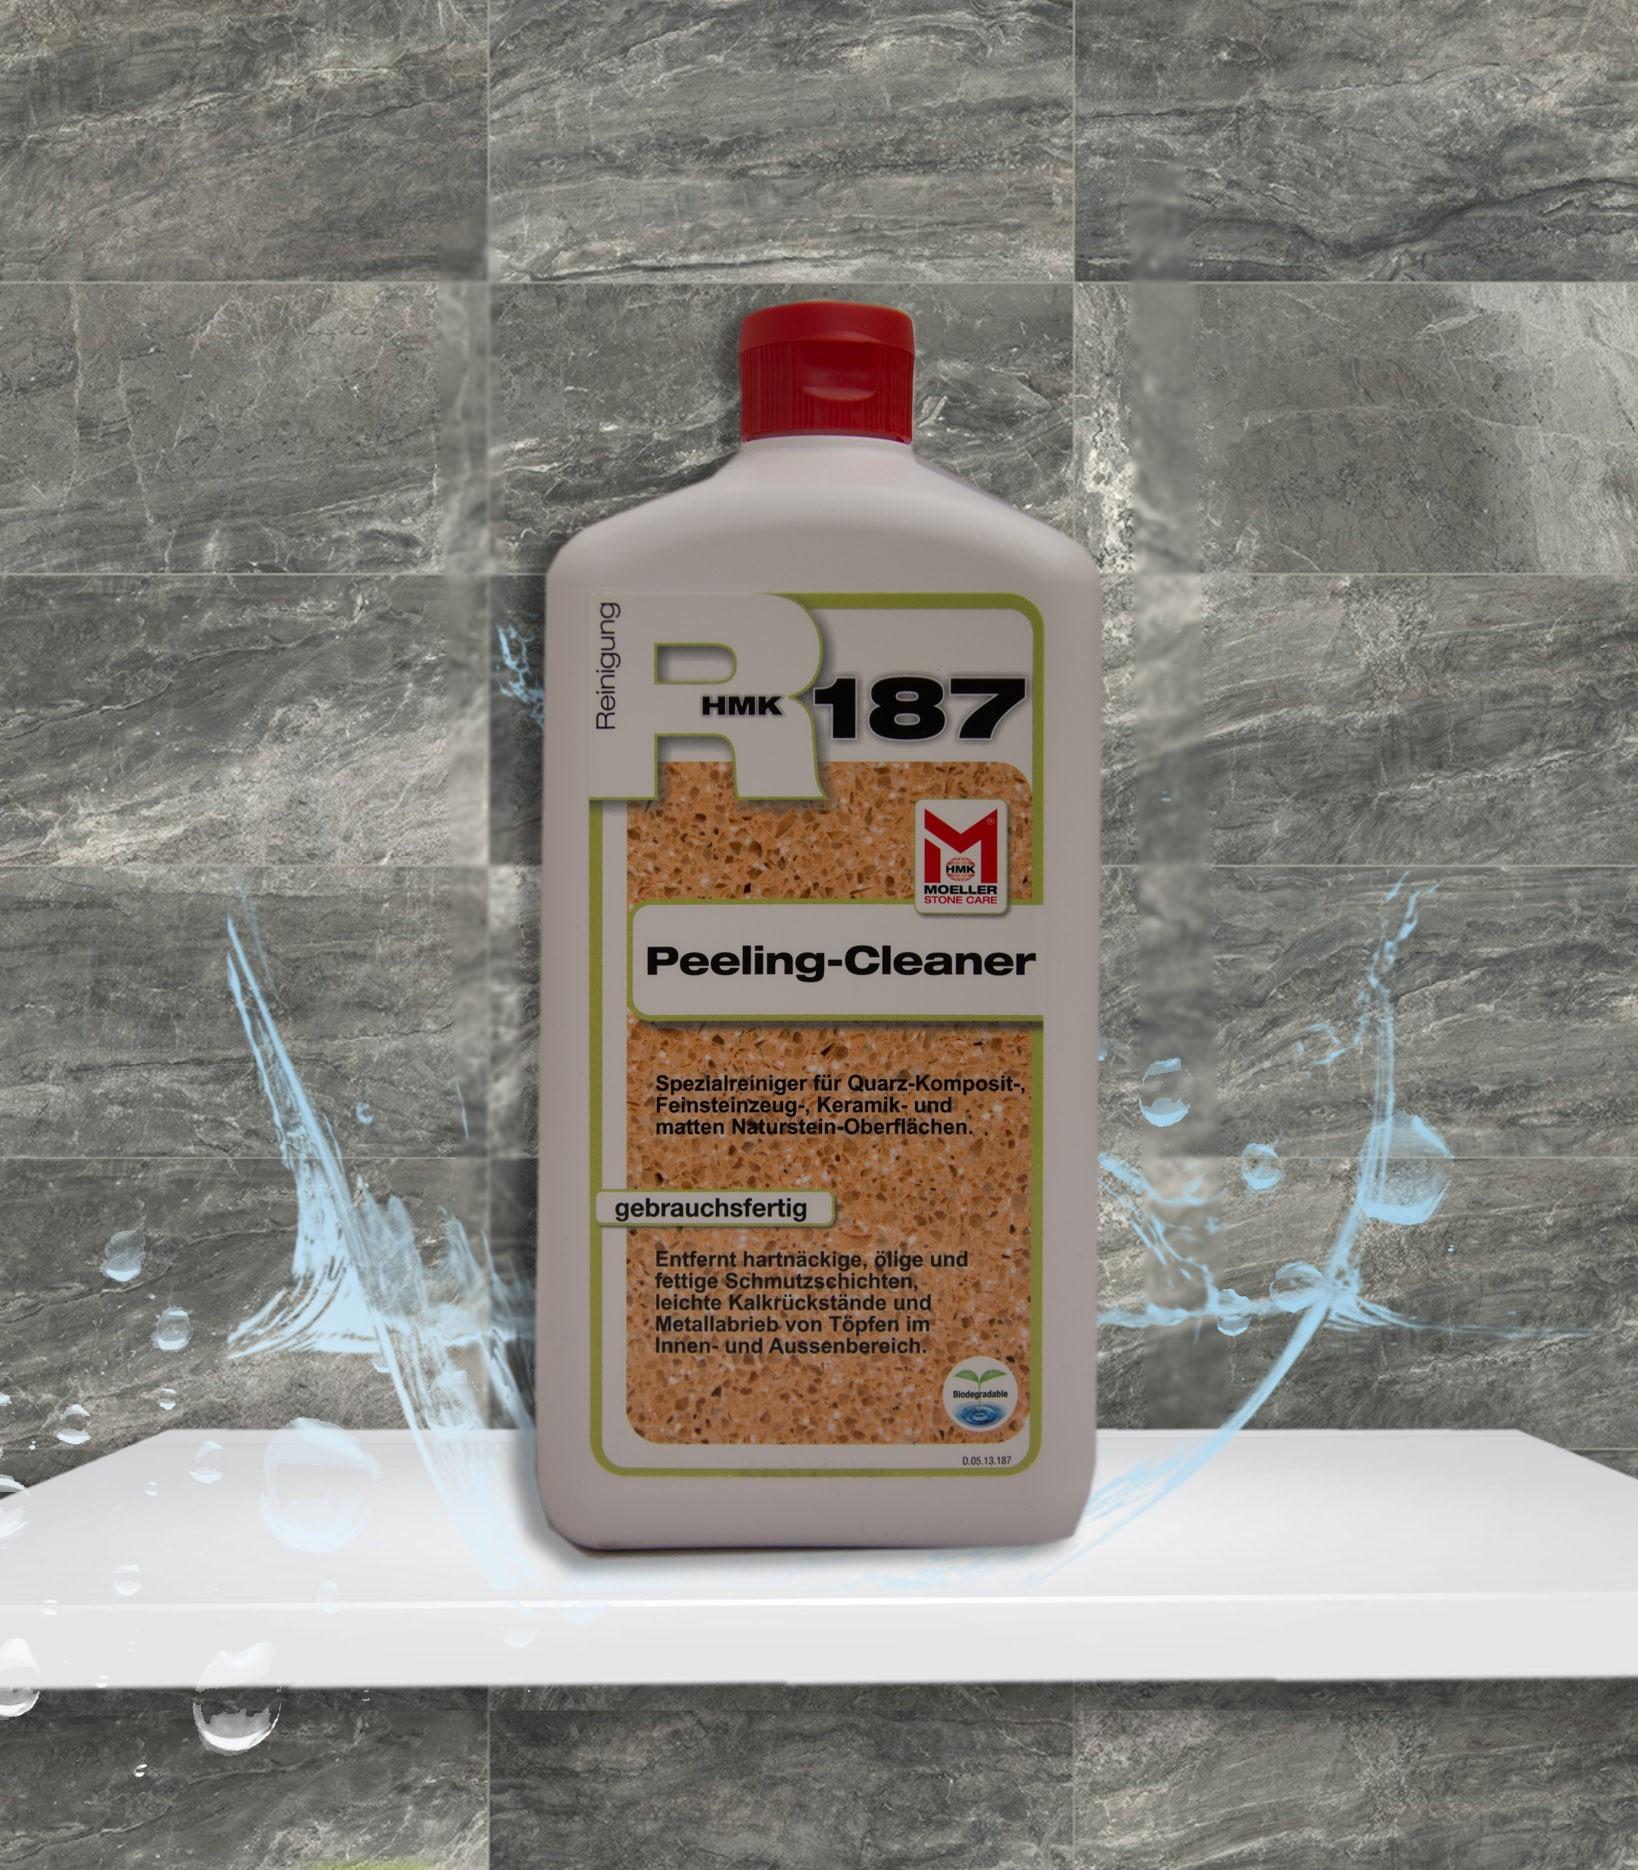 HMK R187 Peeling Cleaner 1 Ltr.